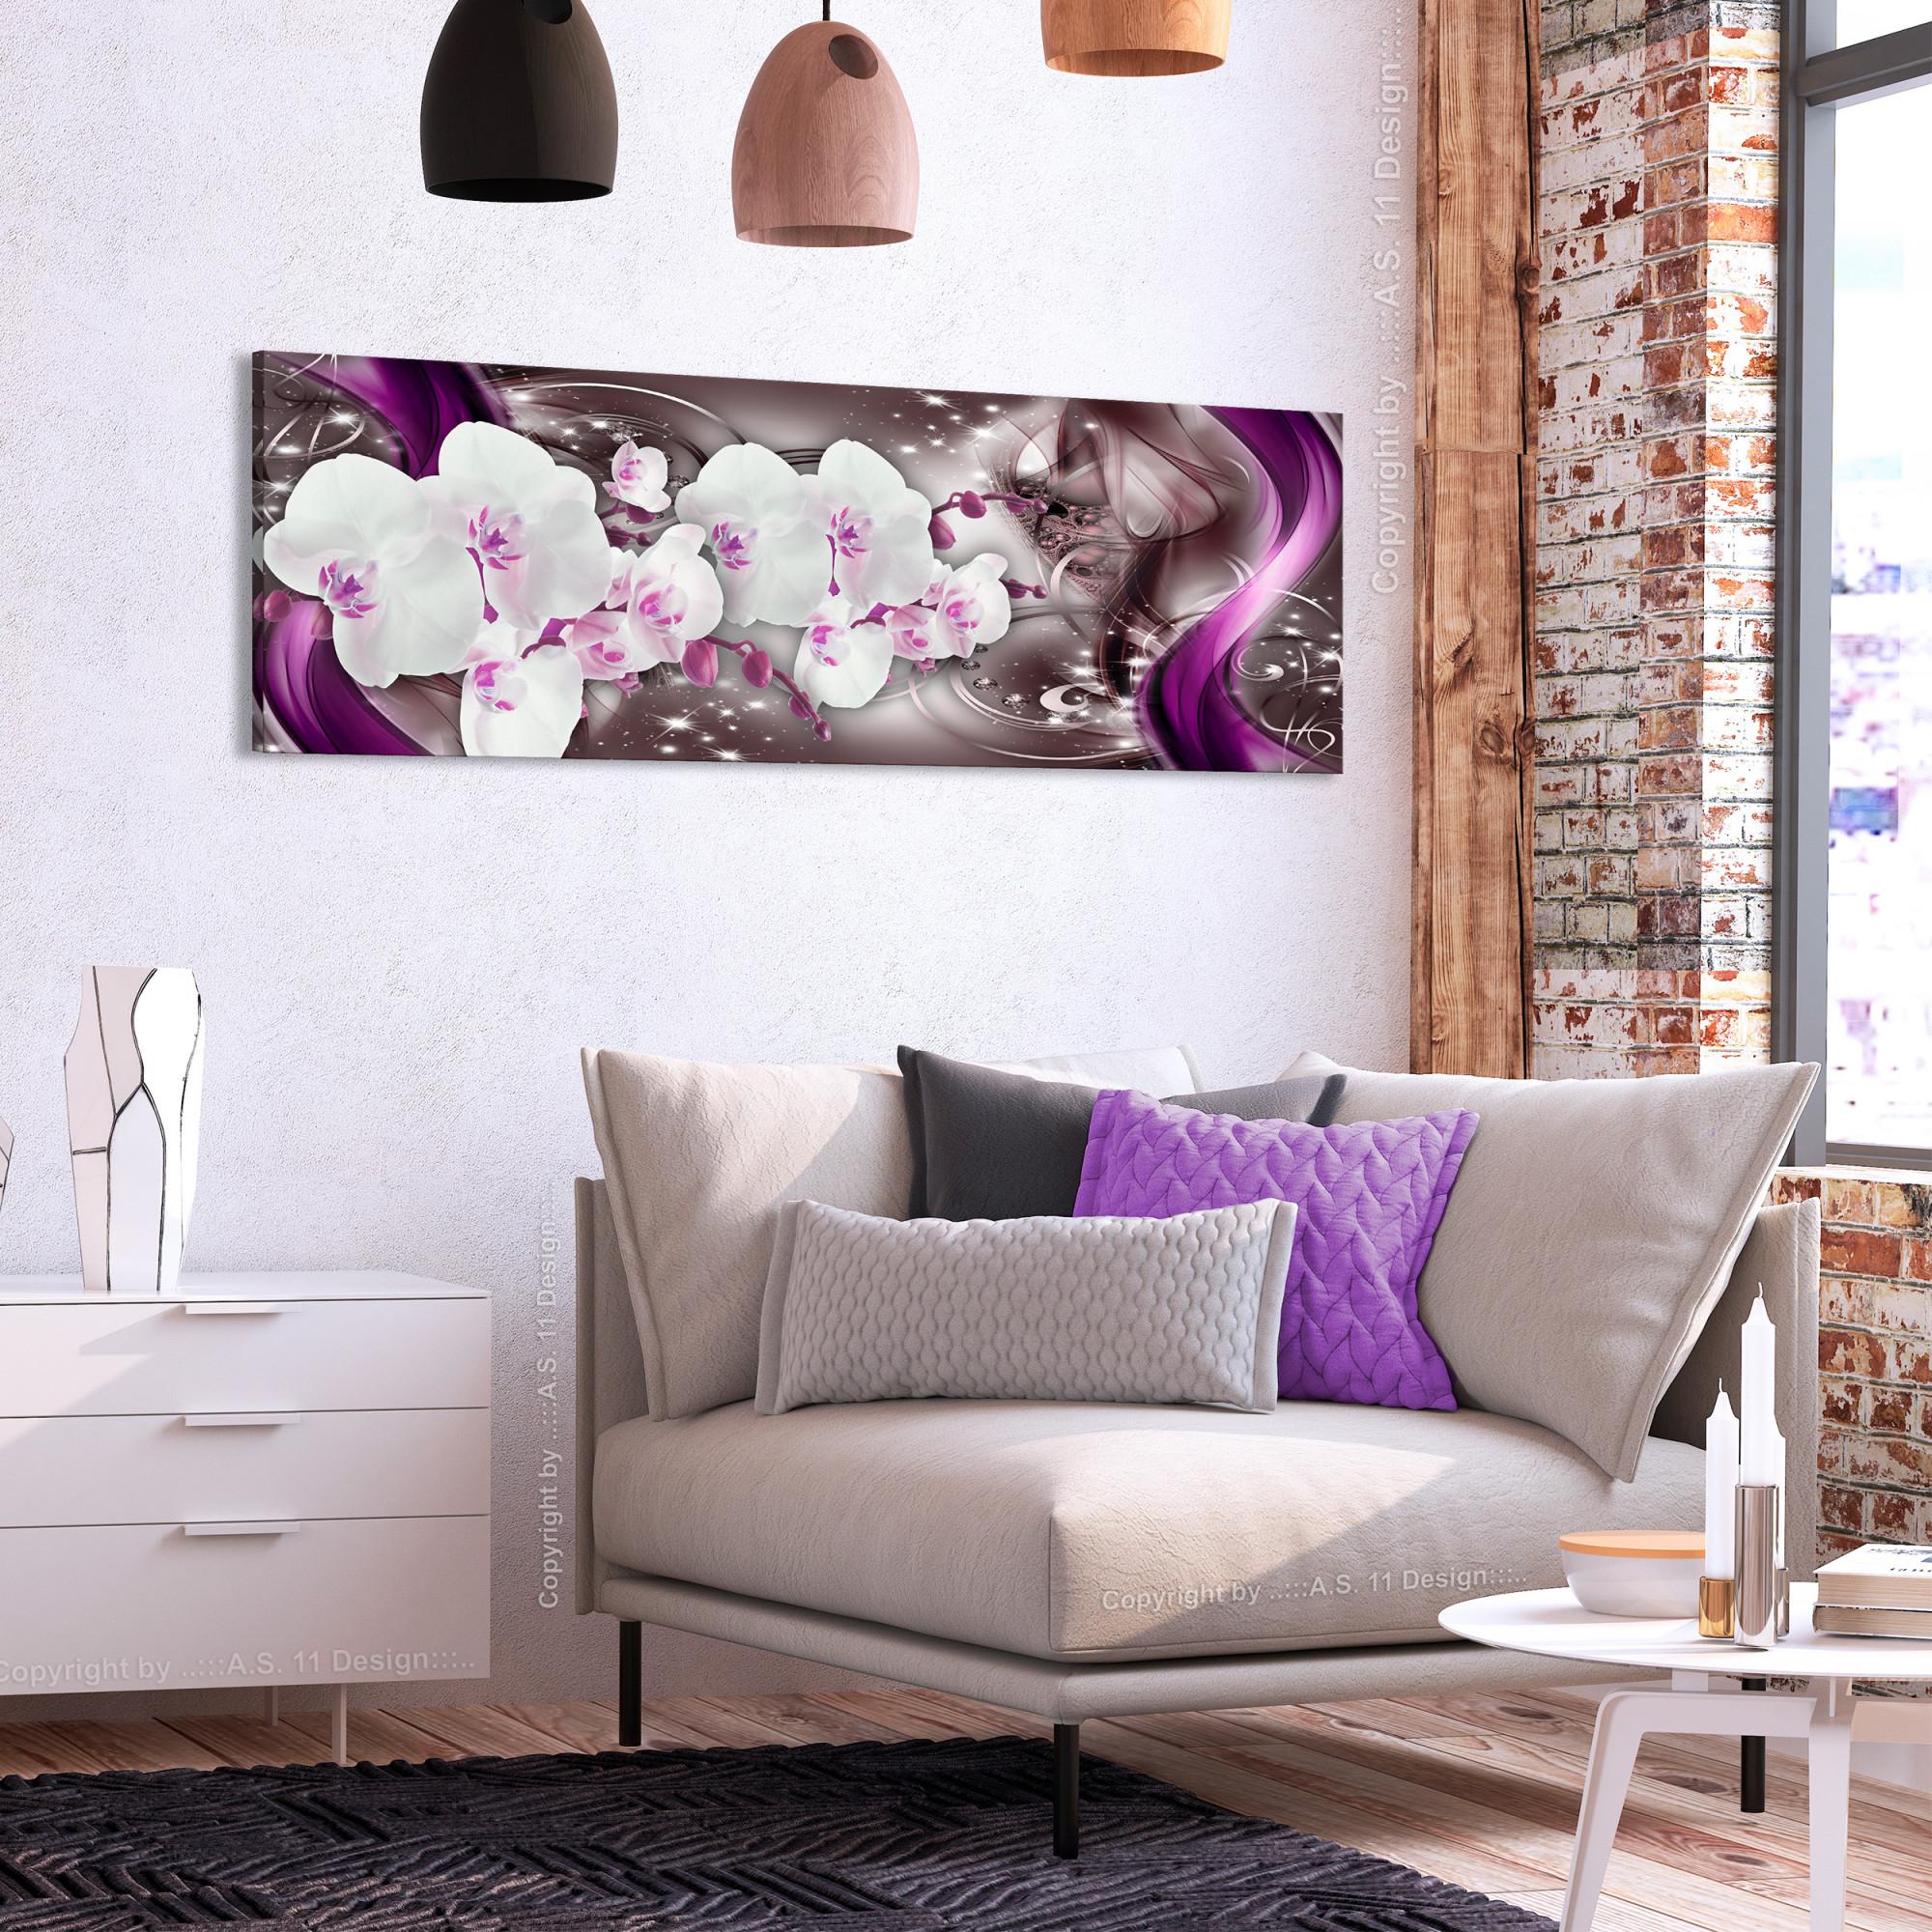 Details Zu Leinwand Bilder Blumen Orchidee Abstrakt Nachtleuchte Wandbilder  Xxl Wohnzimmer von Bilder Xxl Wohnzimmer Bild